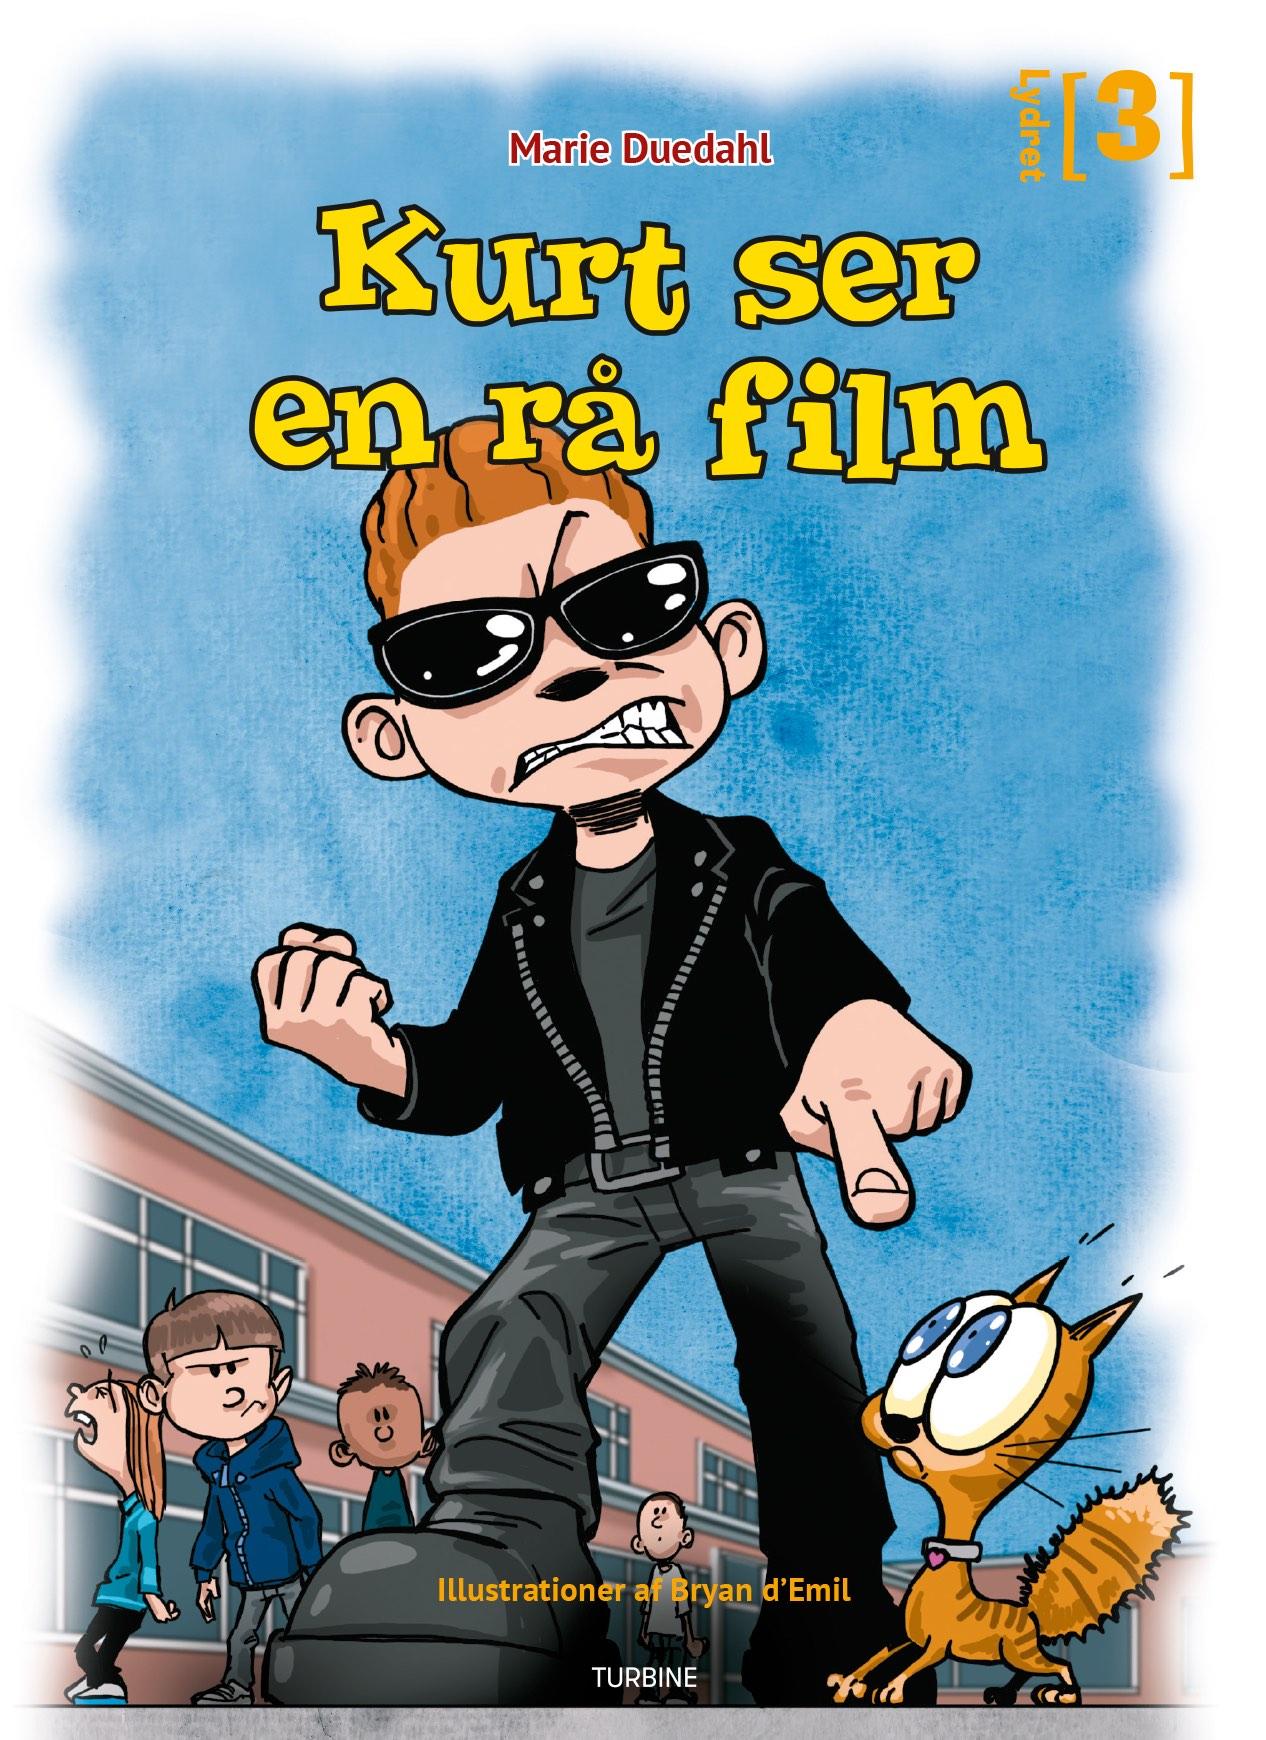 Lydret 3: Kurt ser en rå film - Marie Duedahl - Bøger - Turbine - 9788740662344 - May 27, 2020